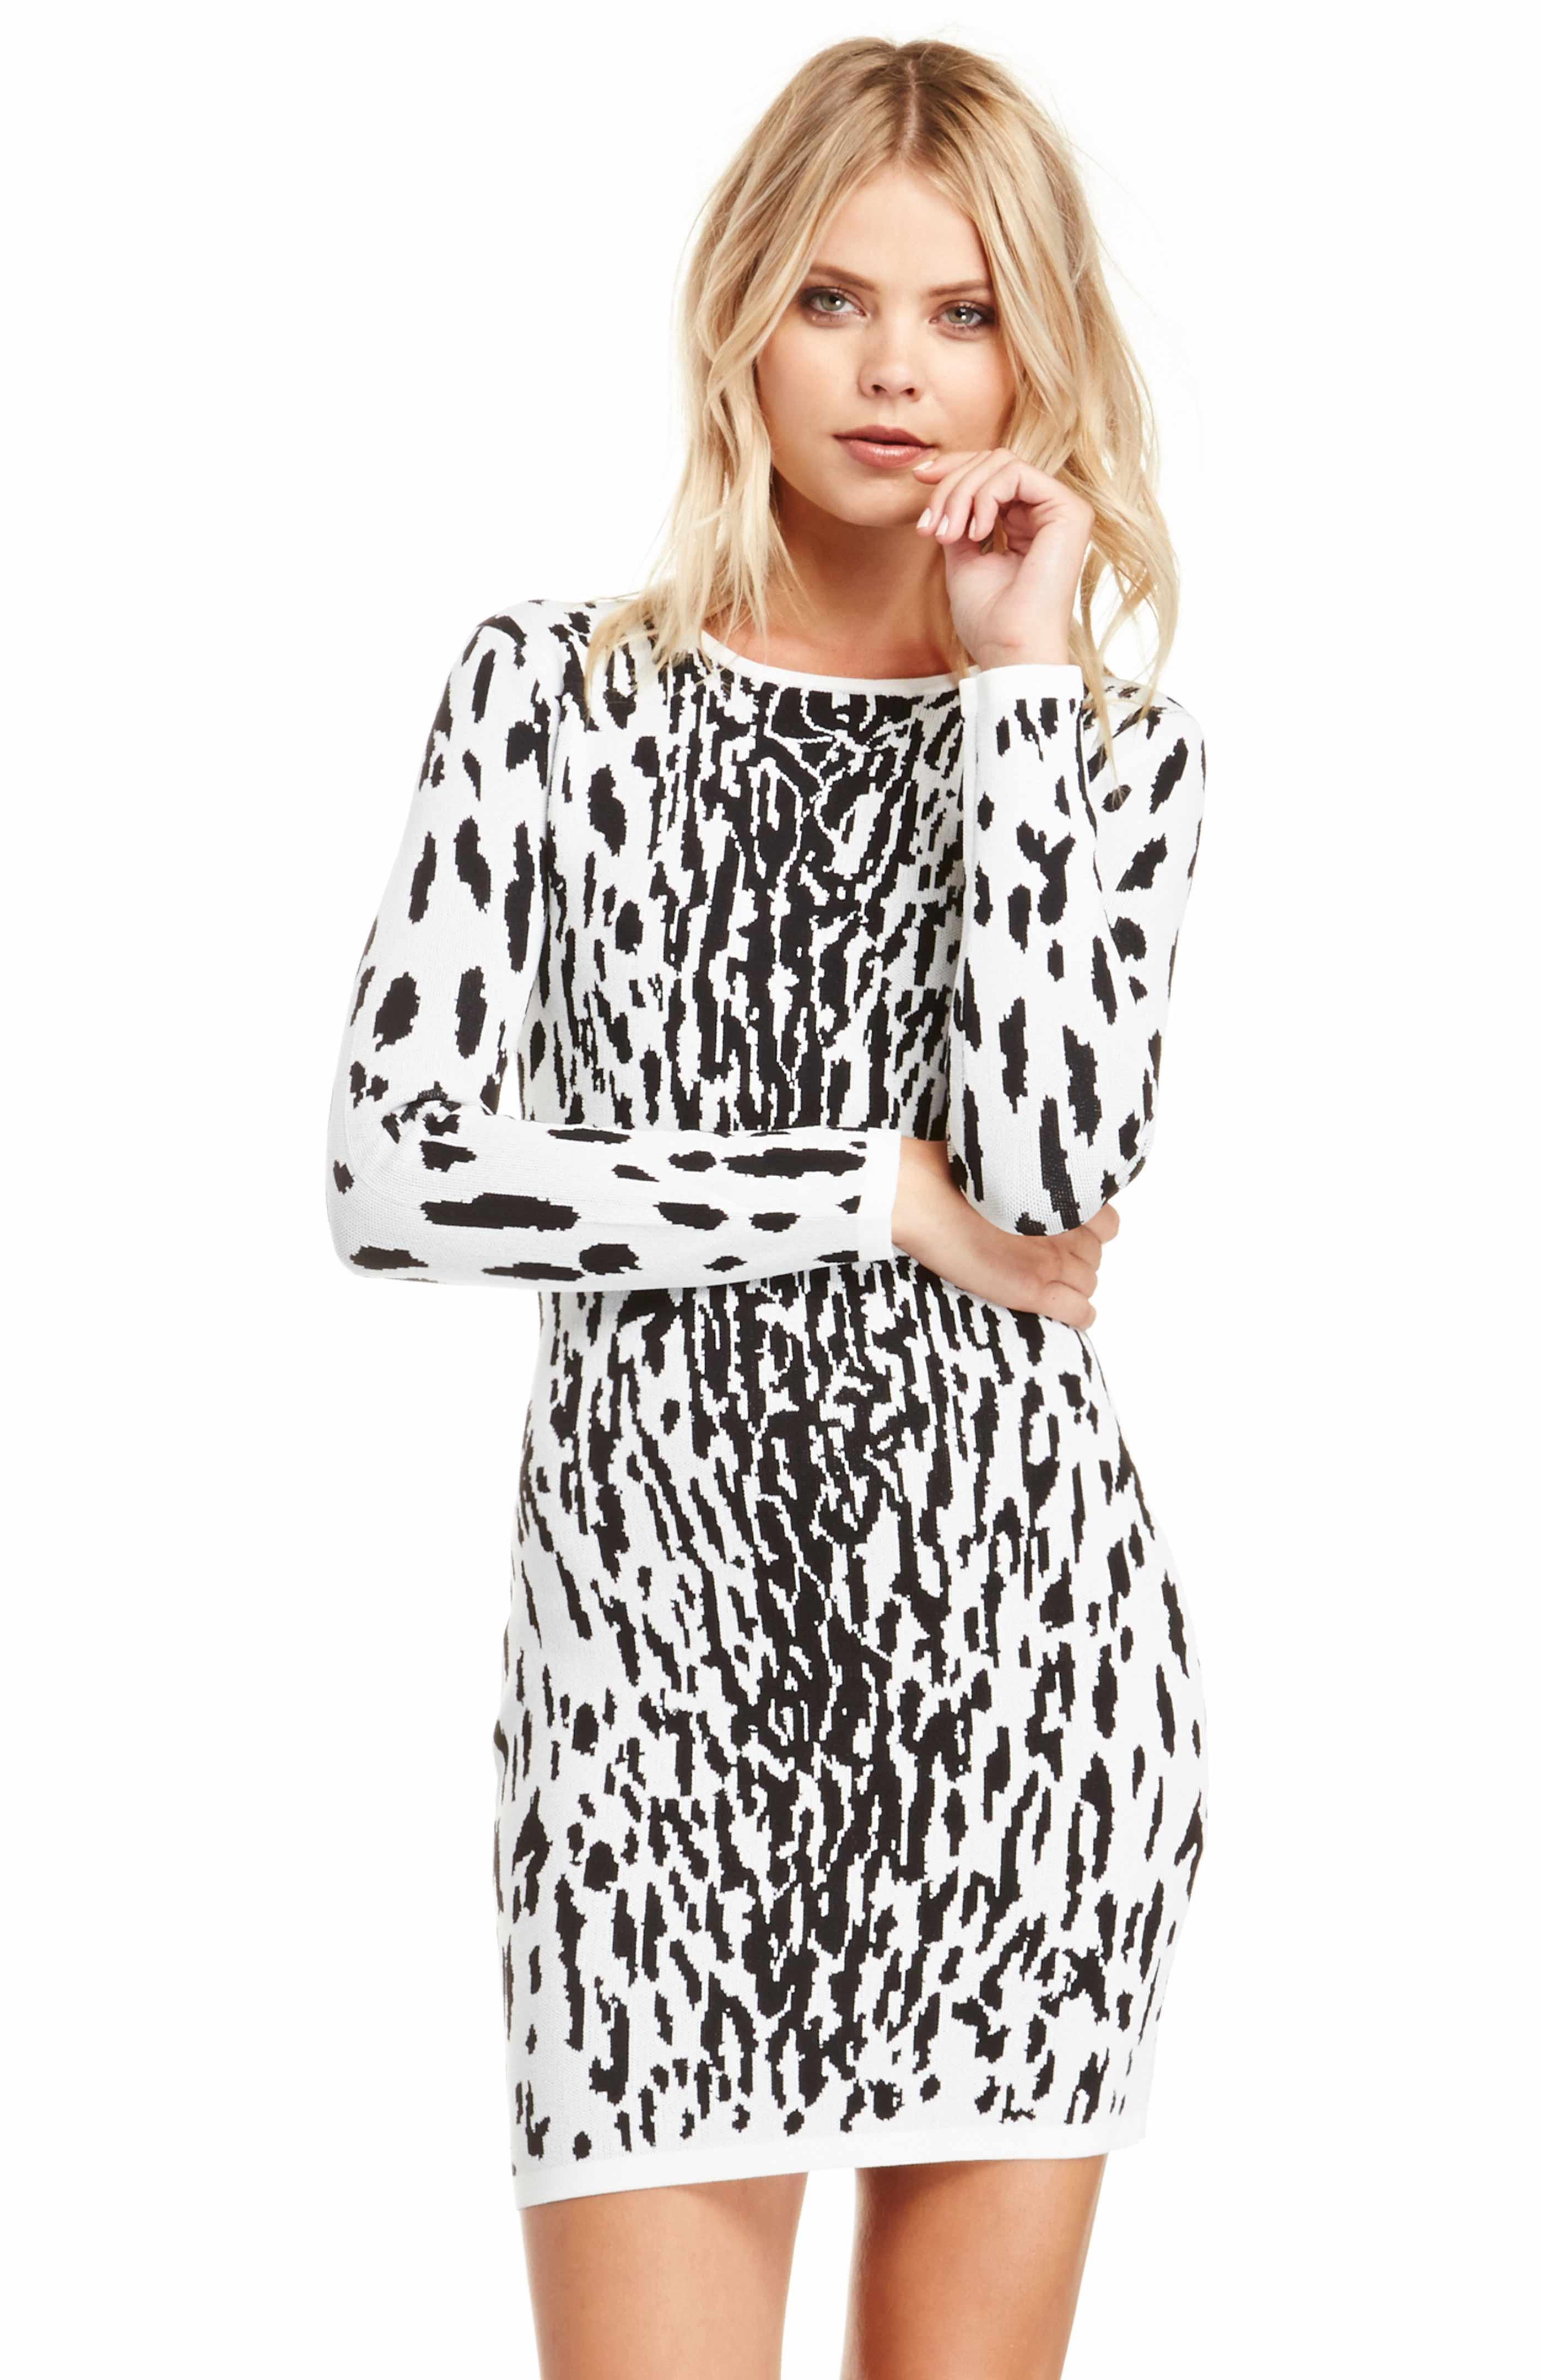 240fa13e527 BARDOT Snow Leopard Dress in Black White